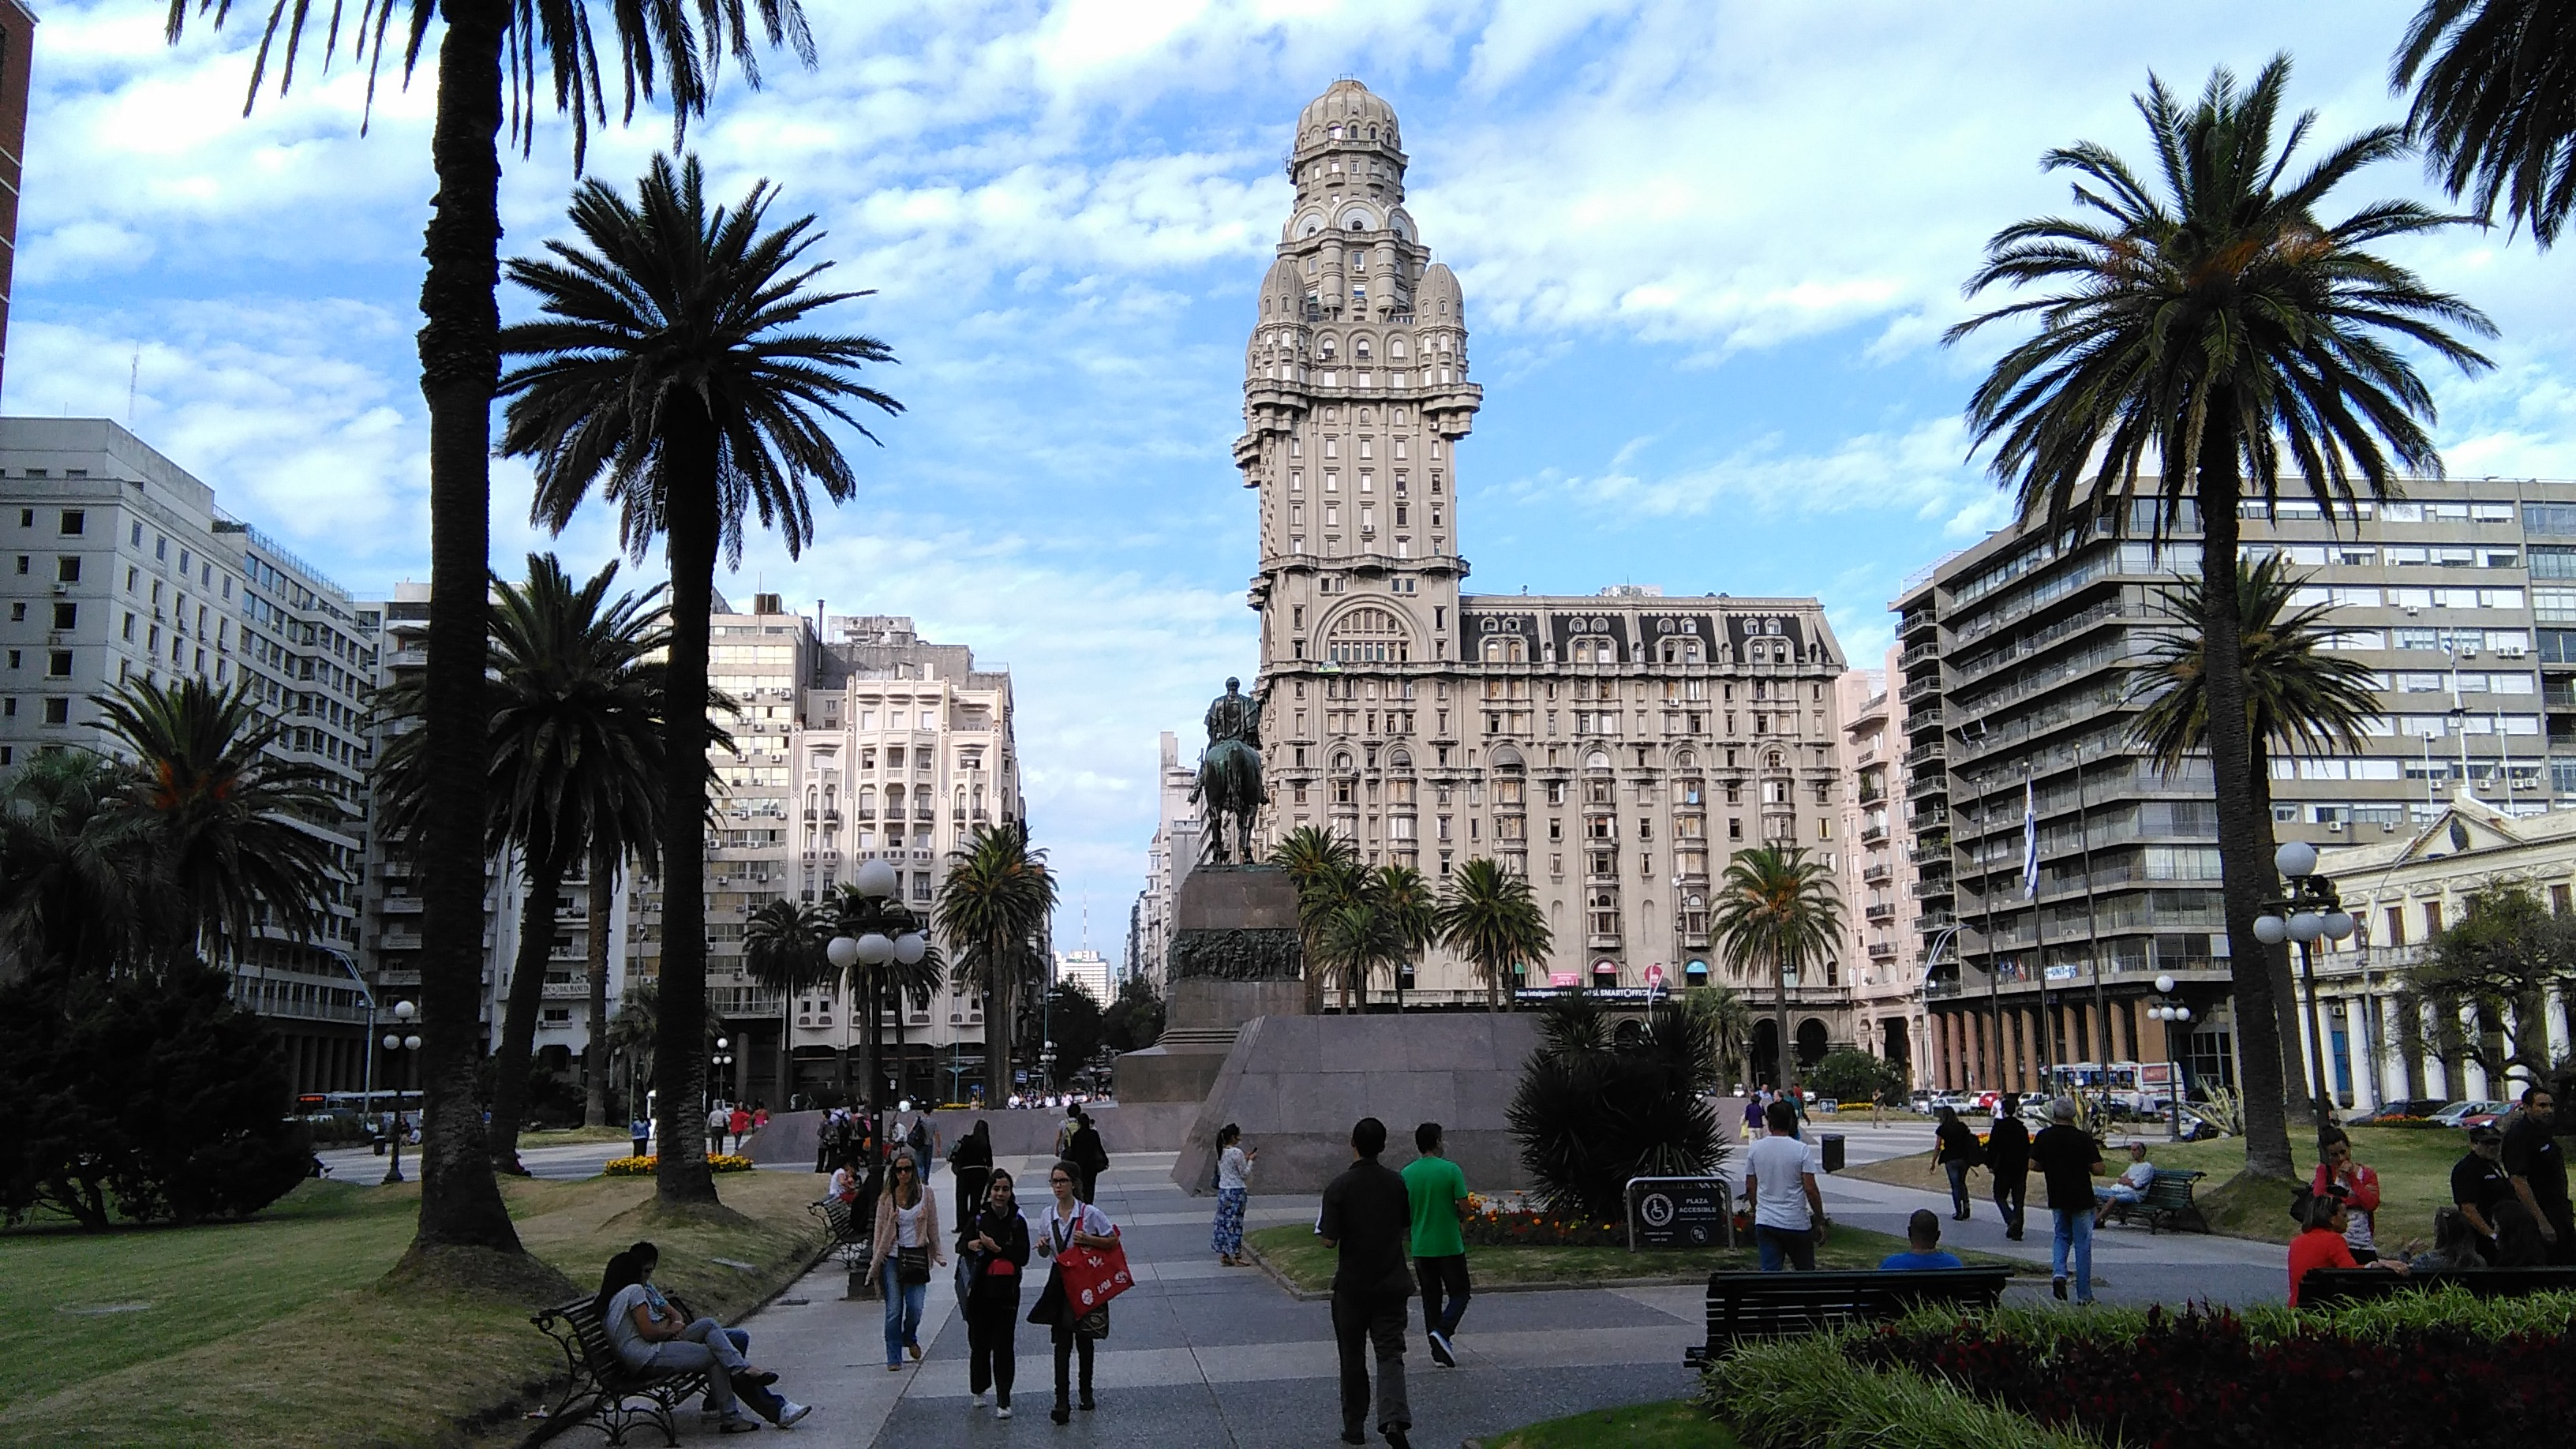 Plaza de Independencia